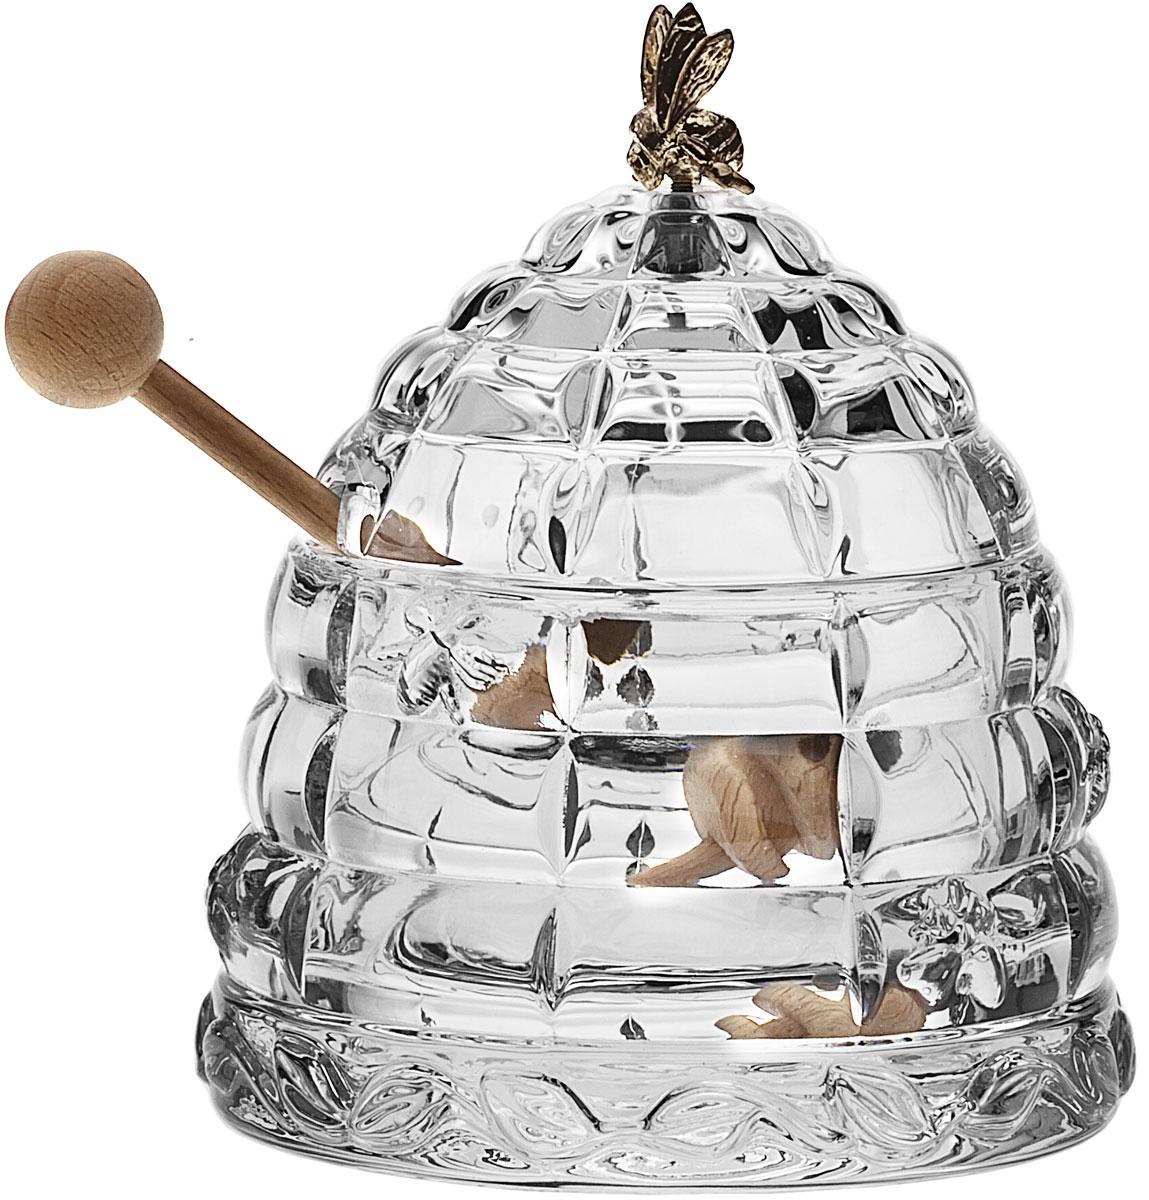 Доза для меда Crystal Bohemia Улей с пчелкой, с ложкой, 300 мл990/53312/8/69710/118-119Доза для меда Crystal Bohemia Улей с пчелкой изготовлена из высококачественногохрусталя. Доза выполнена в форме улья и оснащена крышкой с металлической фигуркой пчелы. В комплекте - деревянная ложка для меда. Изделие прекрасно впишется в интерьер вашего дома и станет достойным дополнением к кухонному инвентарю.Доза подчеркнет прекрасный вкус хозяйки и станет отличным подарком. Размер дозы (без учета крышки): 11 см х 11 см х 7,5 см.Длина ложечки: 15 см. Объем дозы: 300 мл.